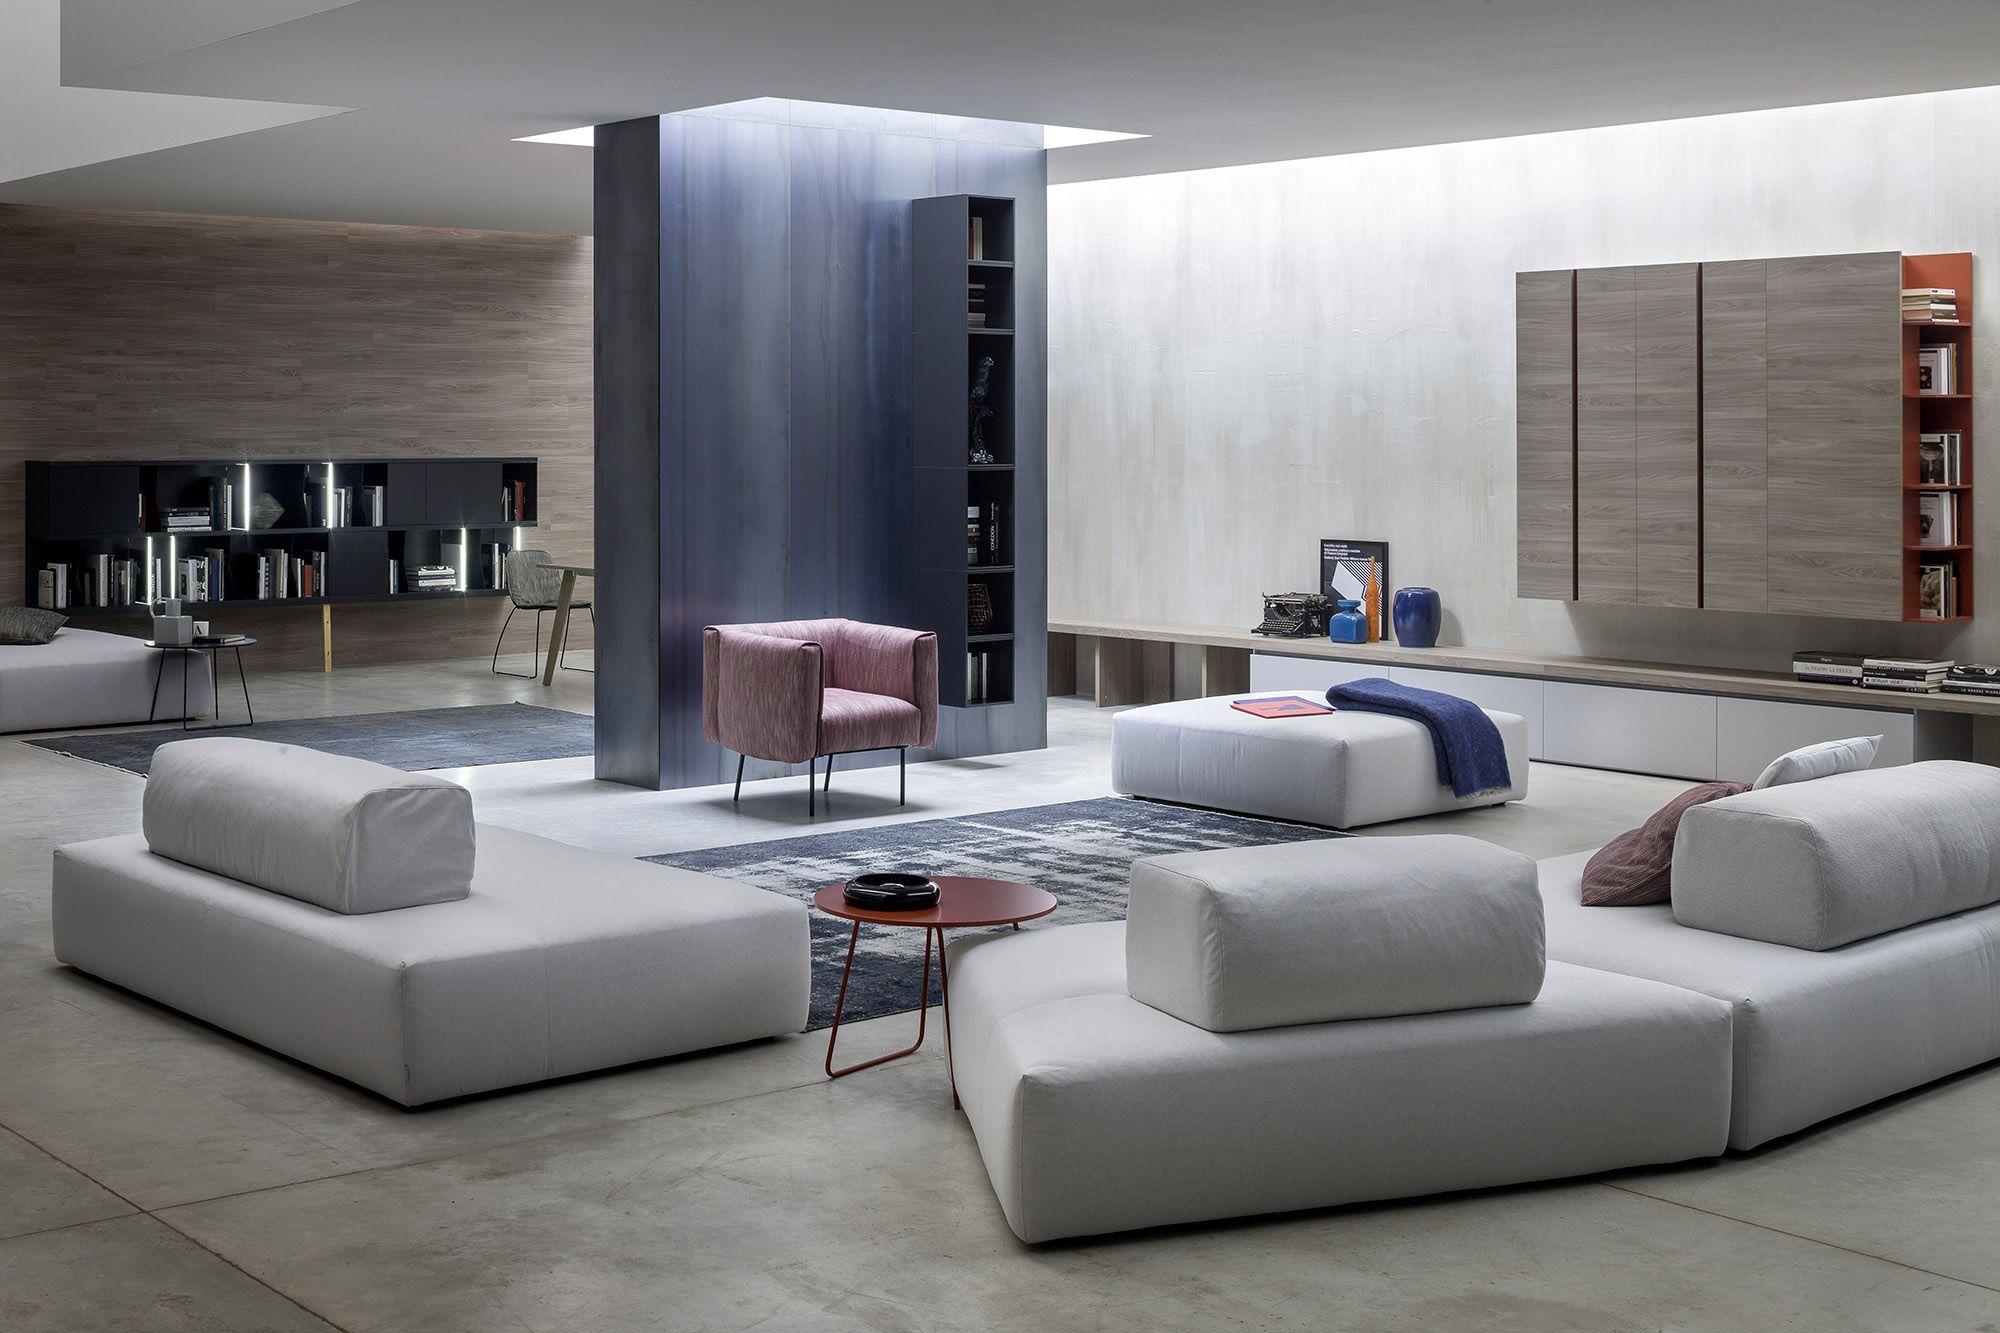 Wohnzimmermöbel Berlin designer möbel livarea interiordesigner inneneinrichter